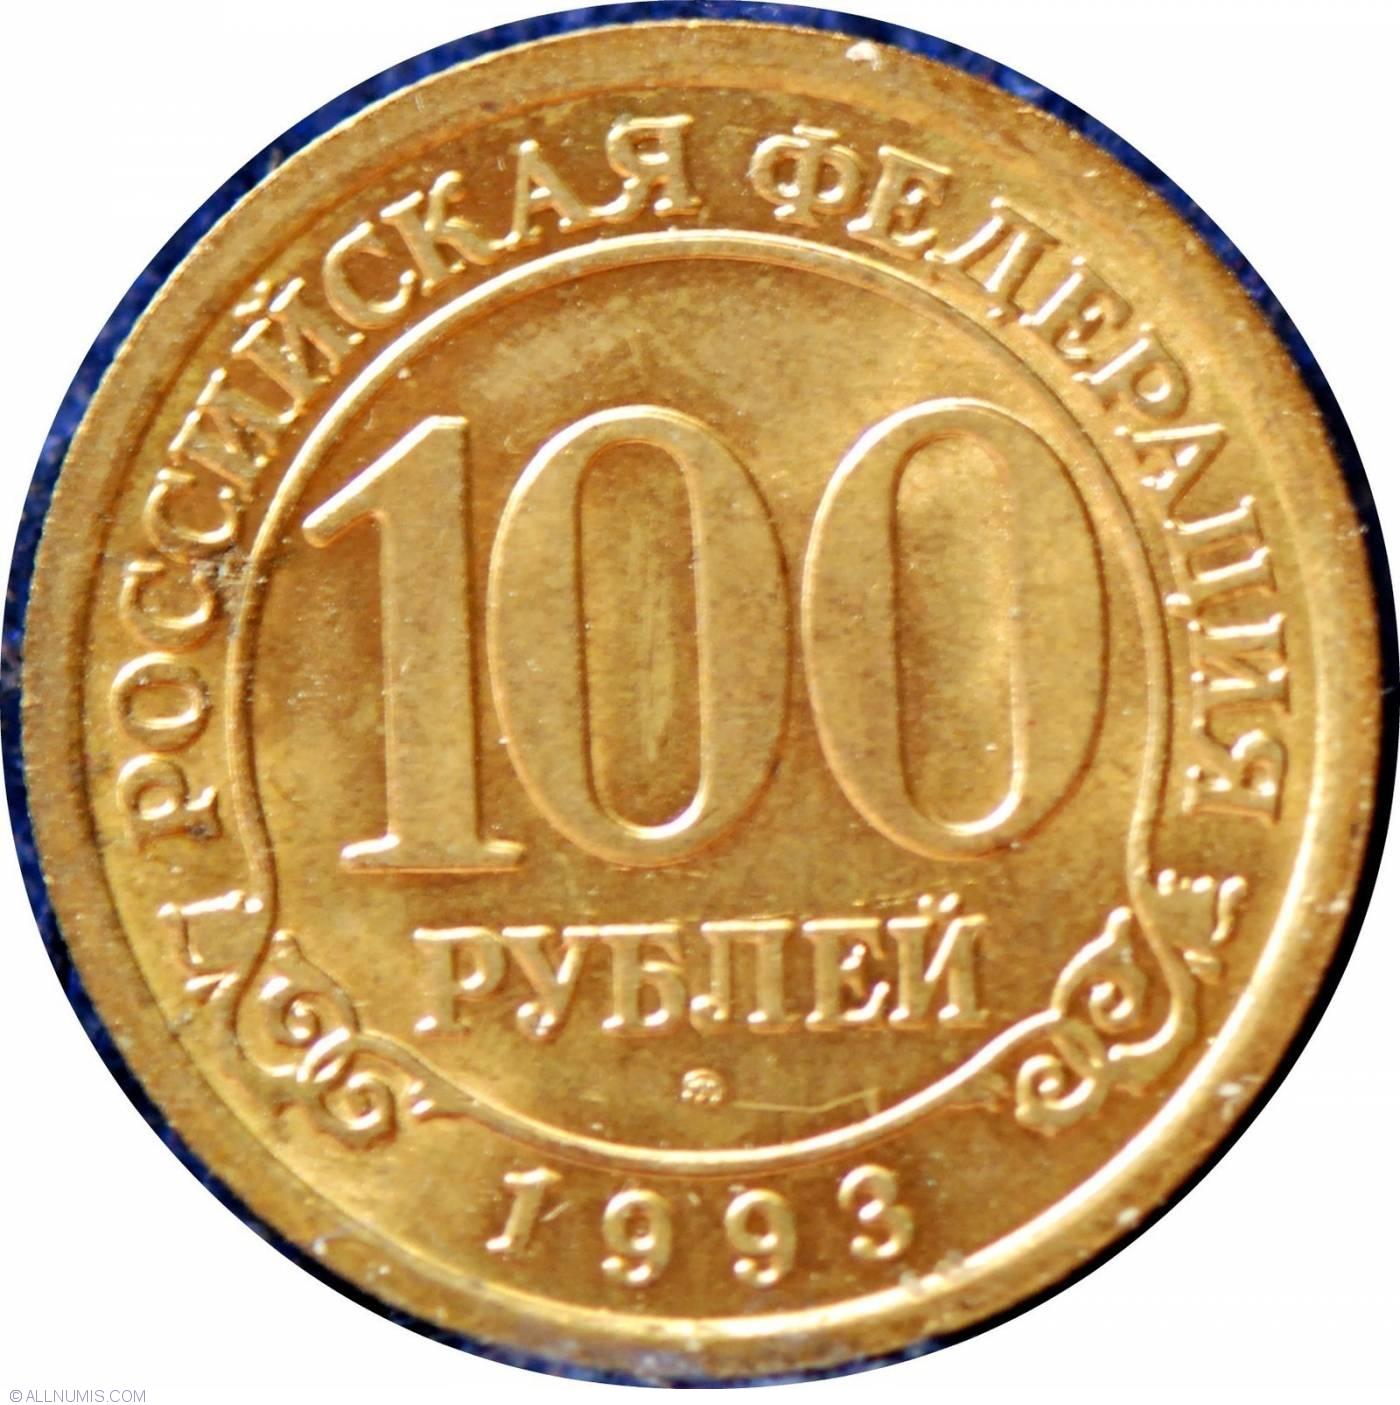 25 SPITSBERGEN SPITZBERGEN SET 4 COINS 10 100 ROUBLES RUBLES UNC 1993 50